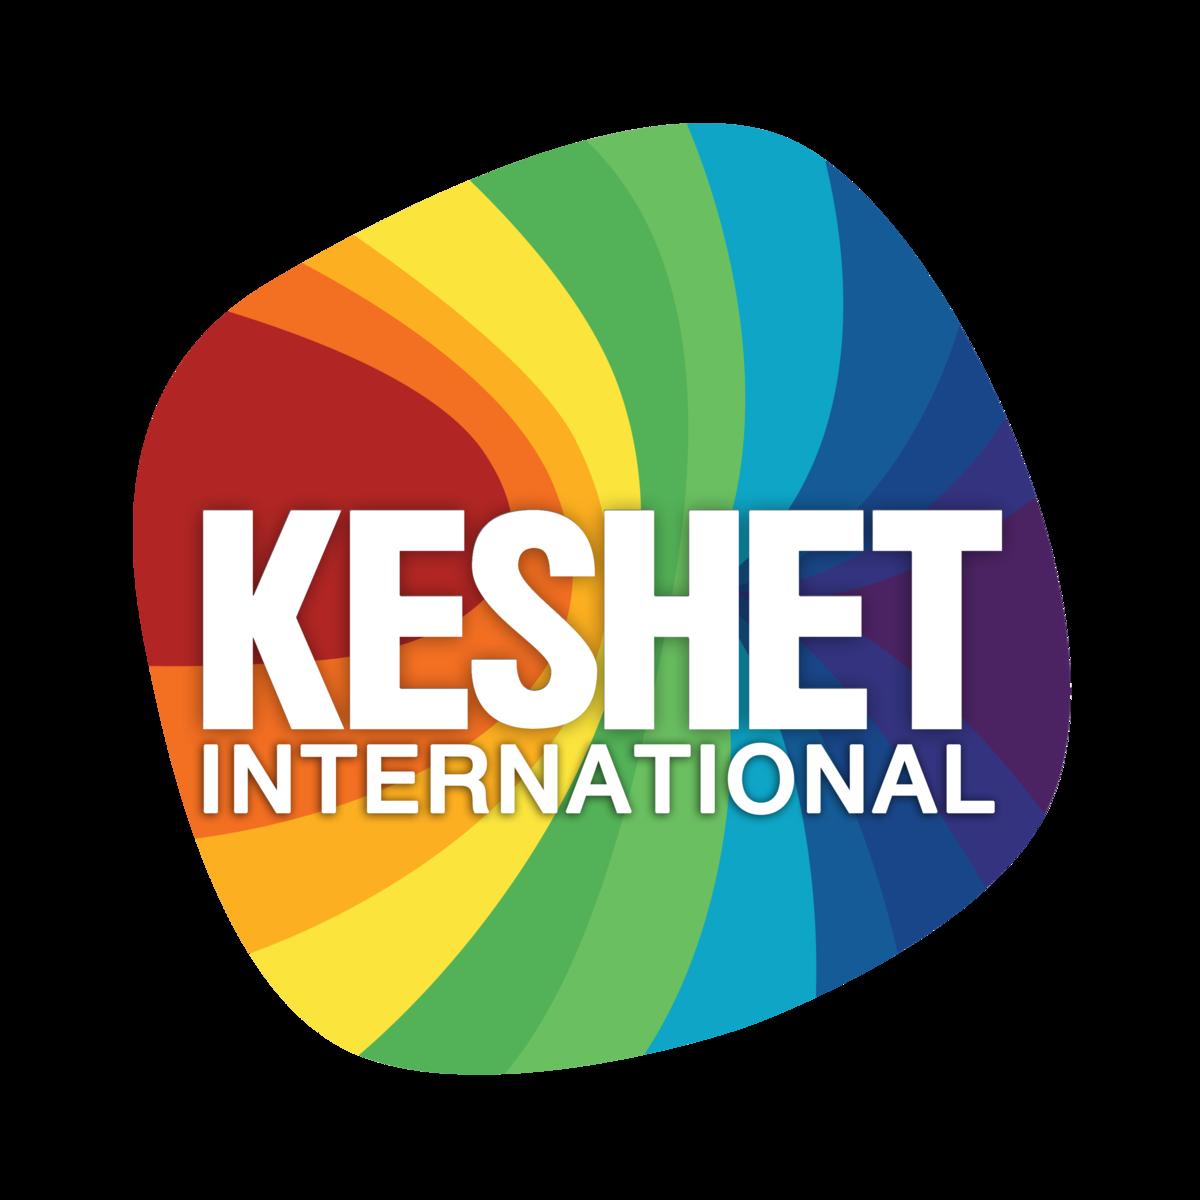 Keshet_international-Logo.png